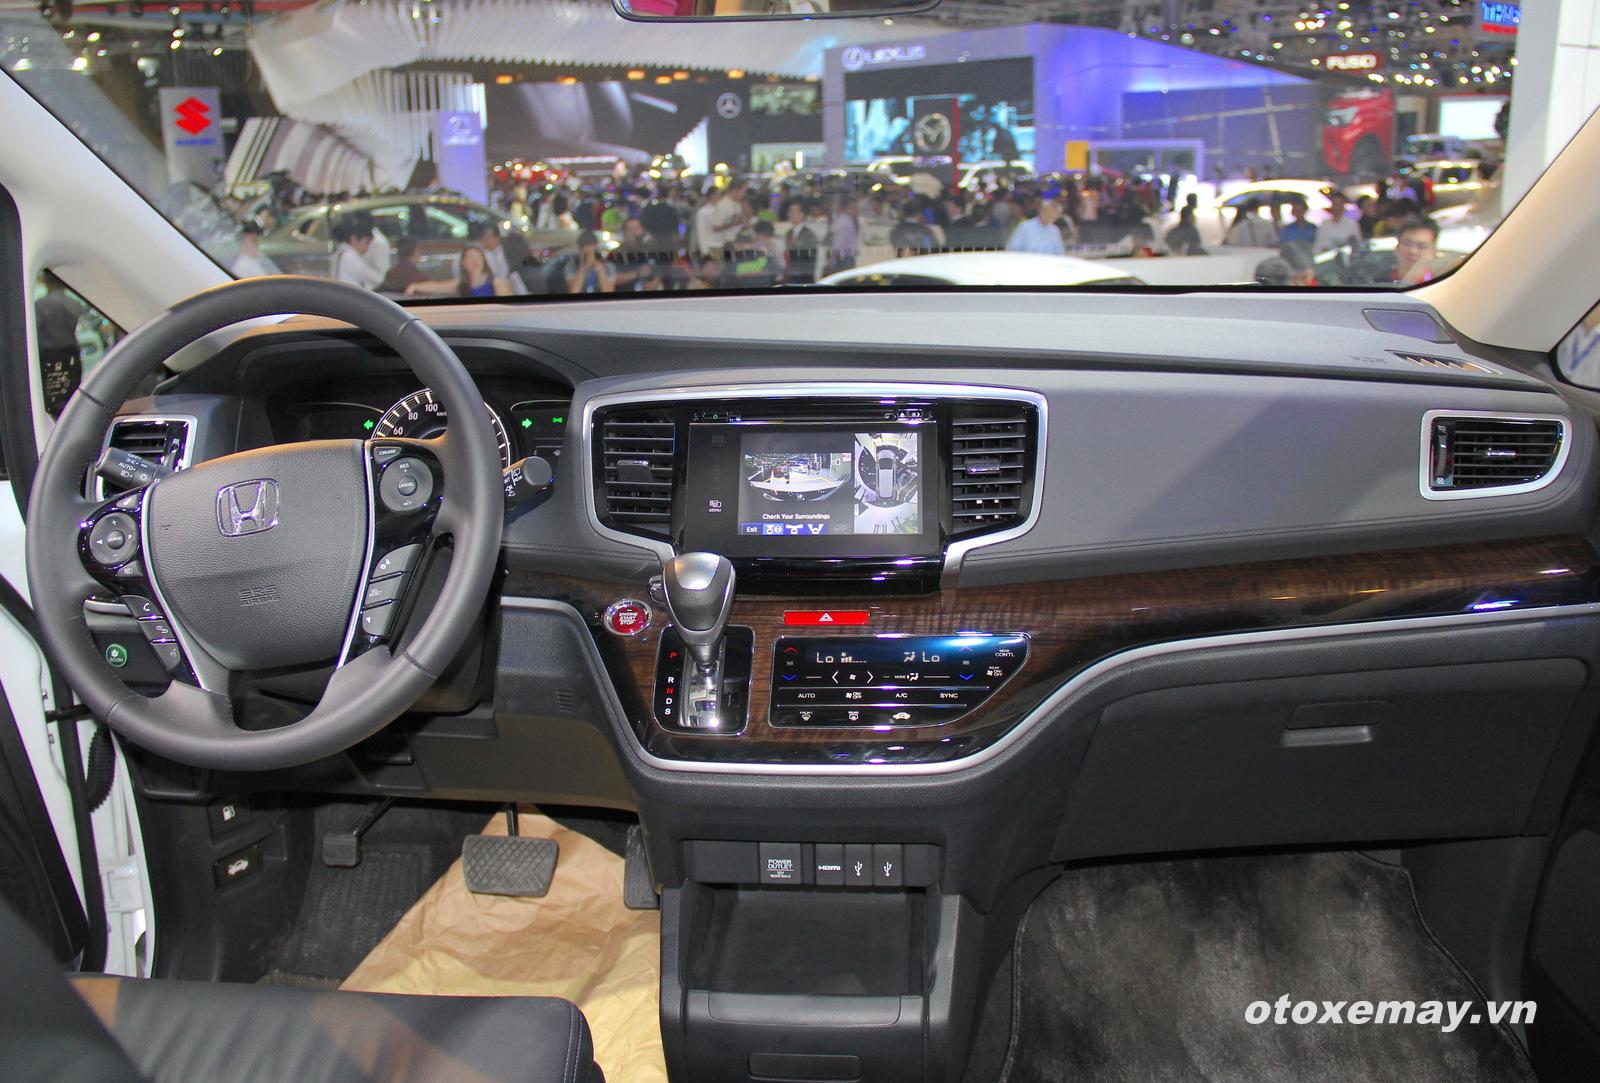 Honda Odyssey tiếp cận khách hàng toàn quốc - ảnh 5